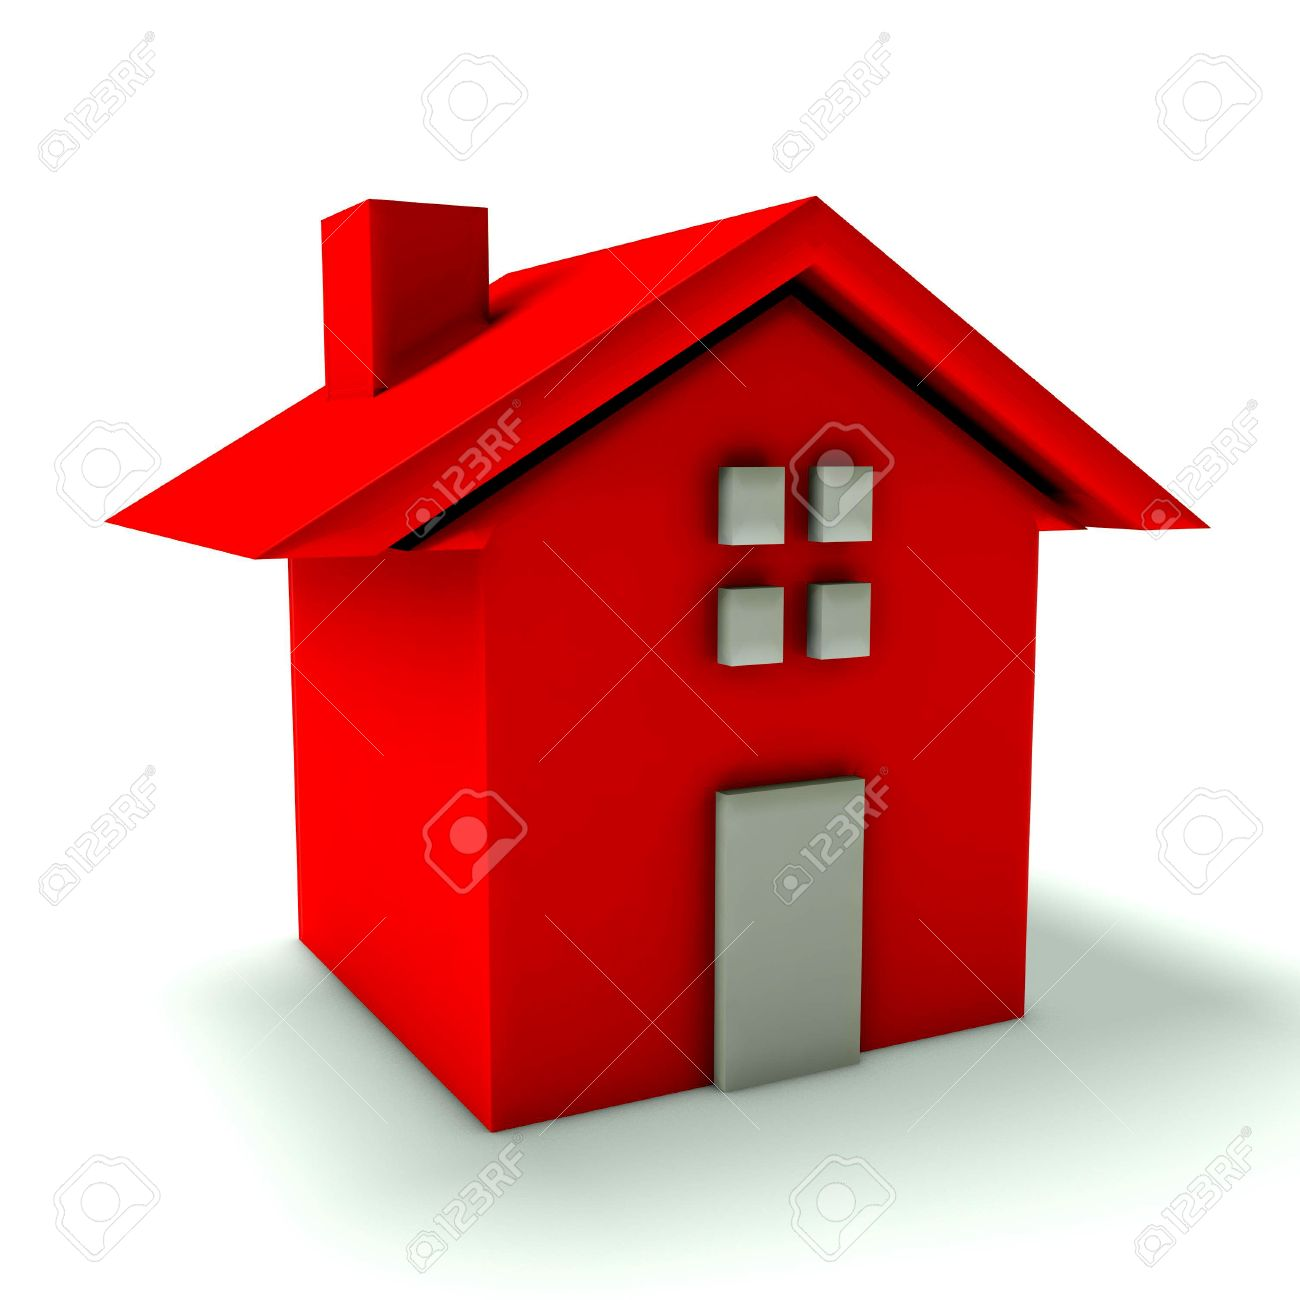 Rotes haus clipart free stock Rotes Haus Mit Tür Und Fenster Lizenzfreie Fotos, Bilder Und Stock ... free stock